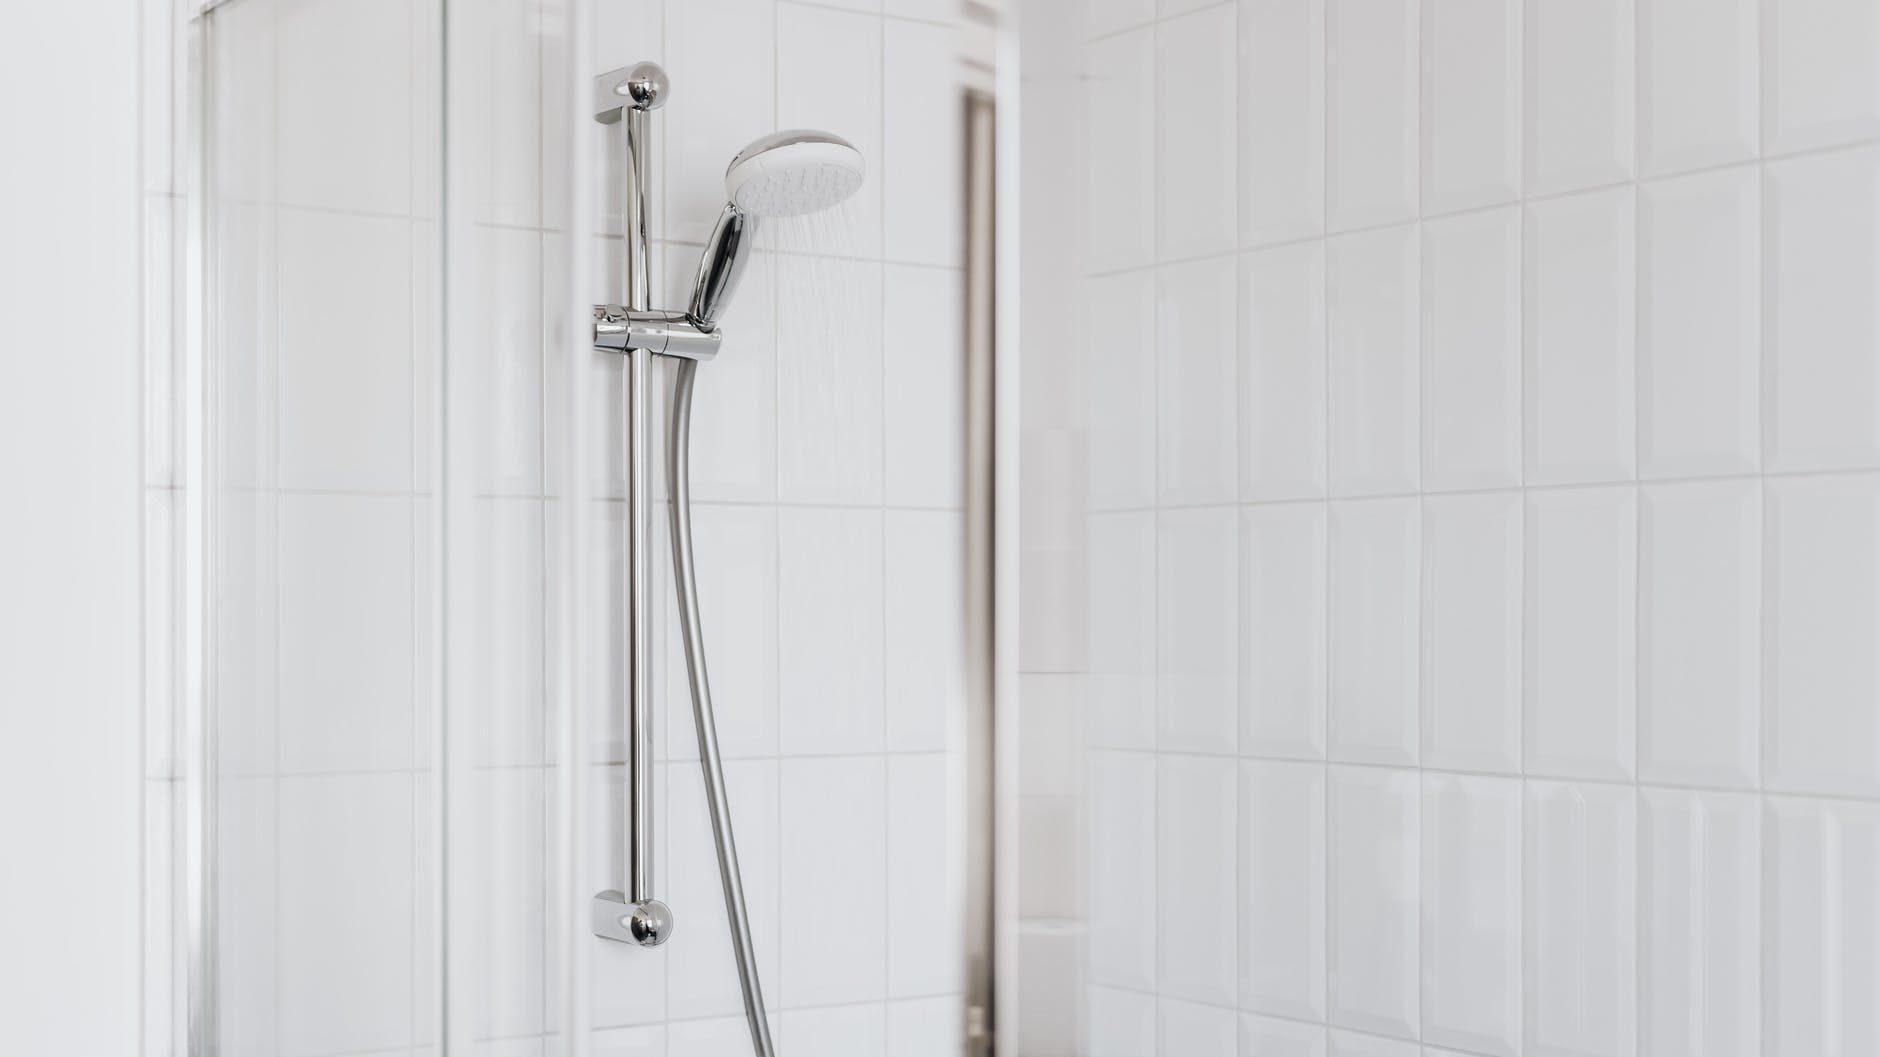 handdouchekop aan stang in badkamer